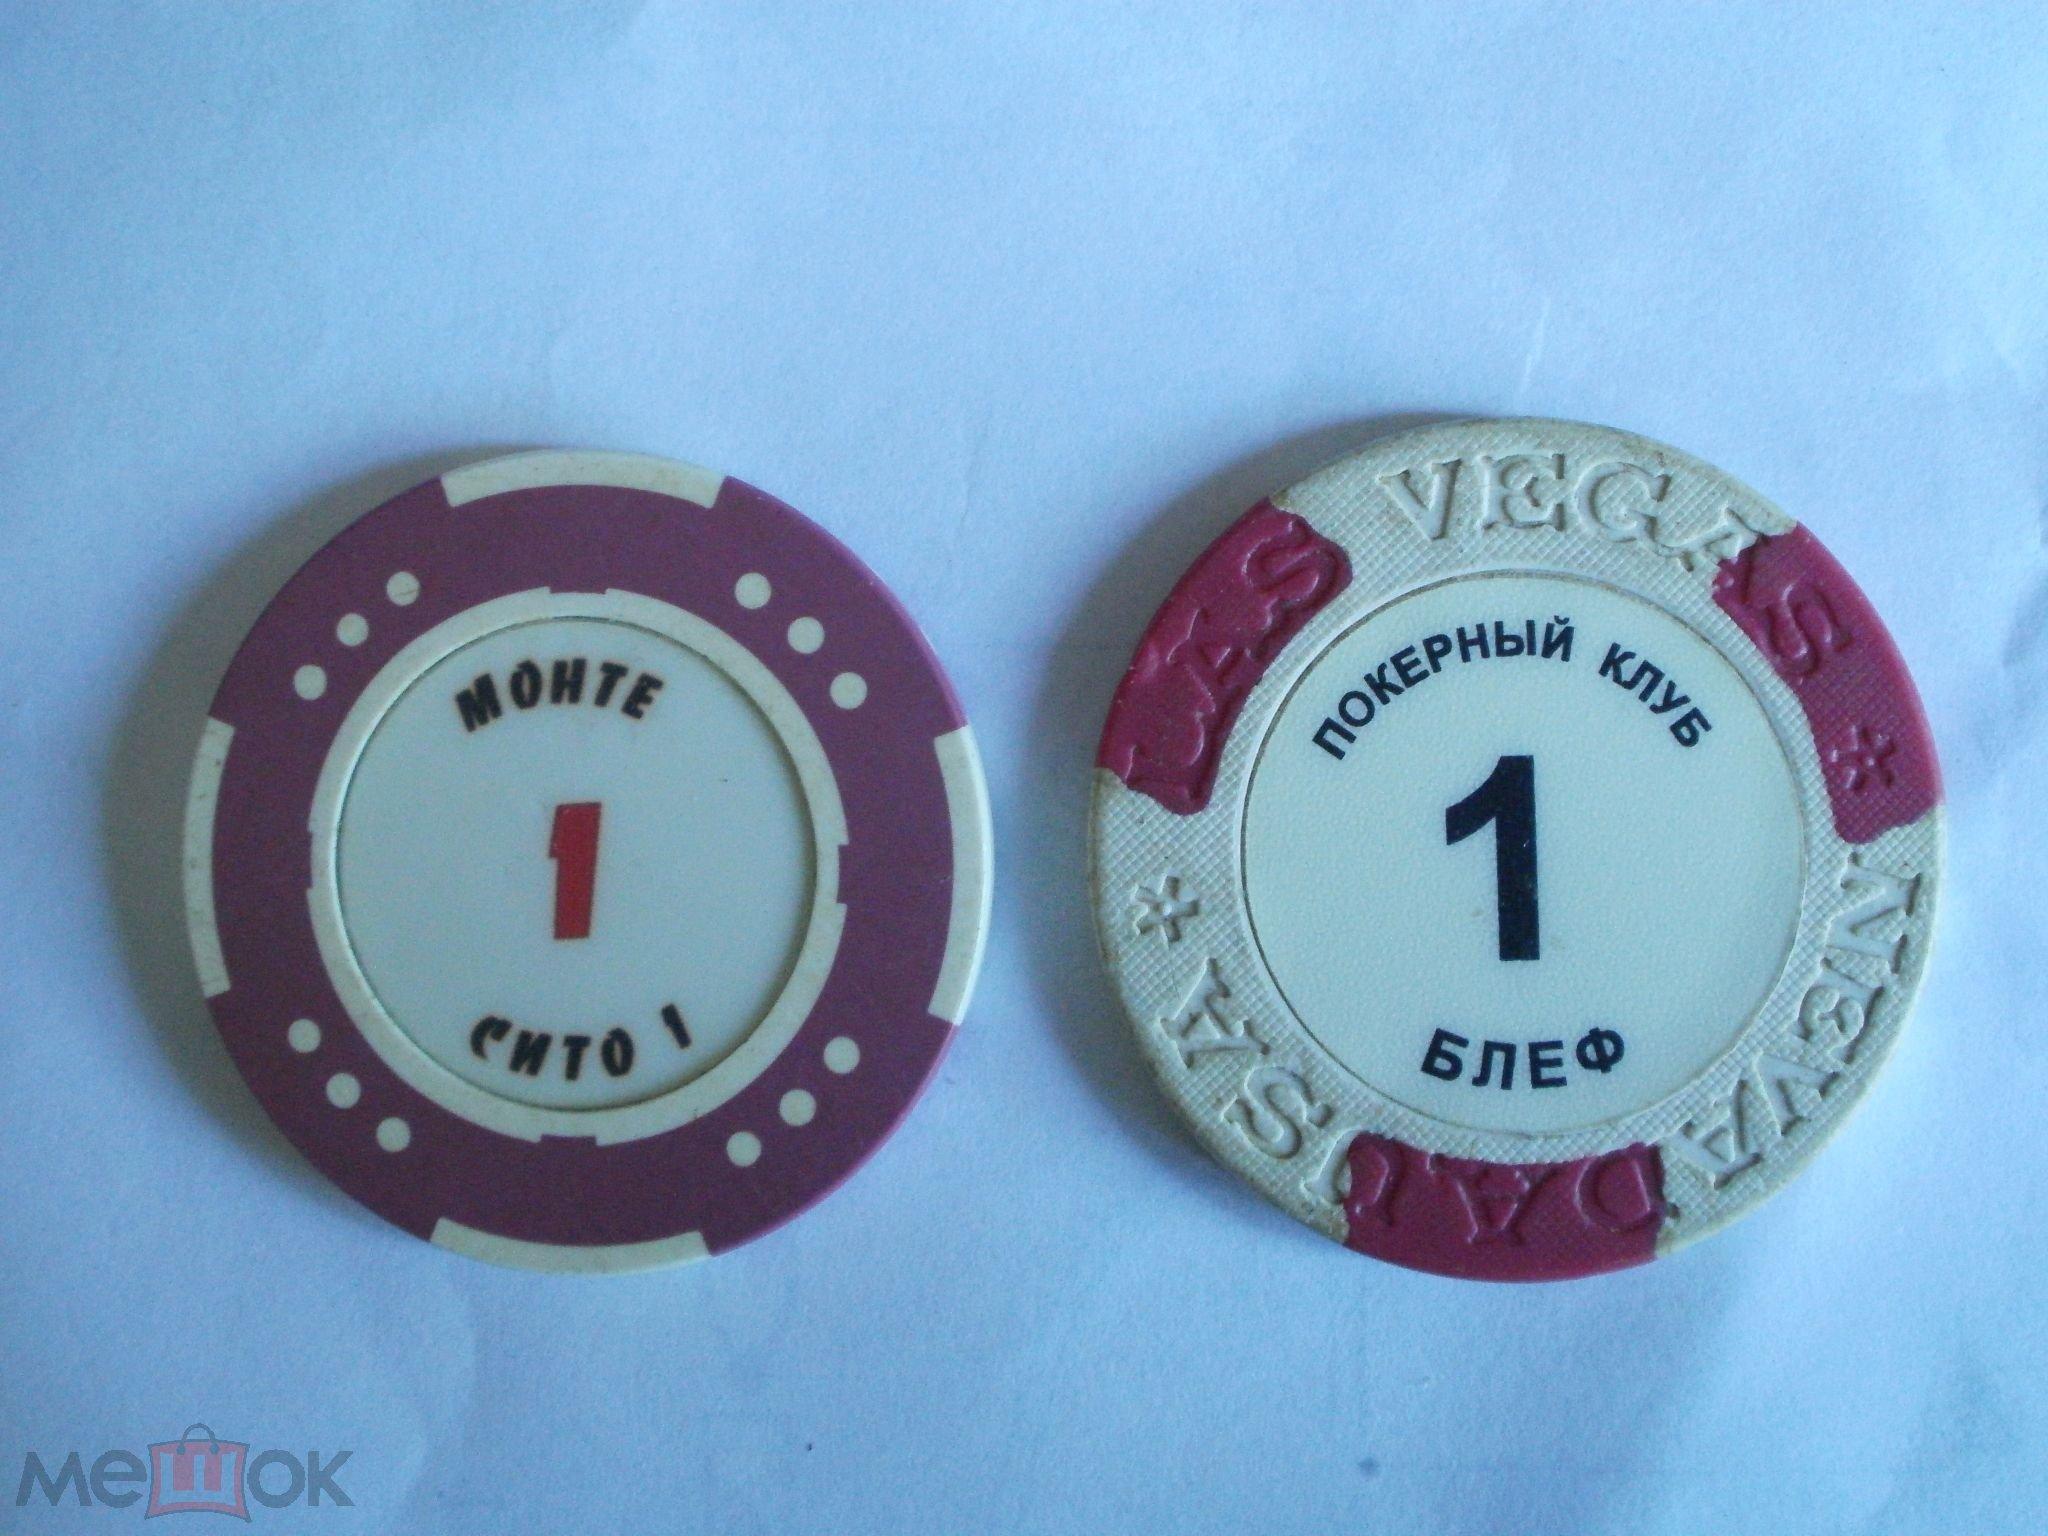 Хрьков казино фишки играть в игровые автоматы.бесплатно